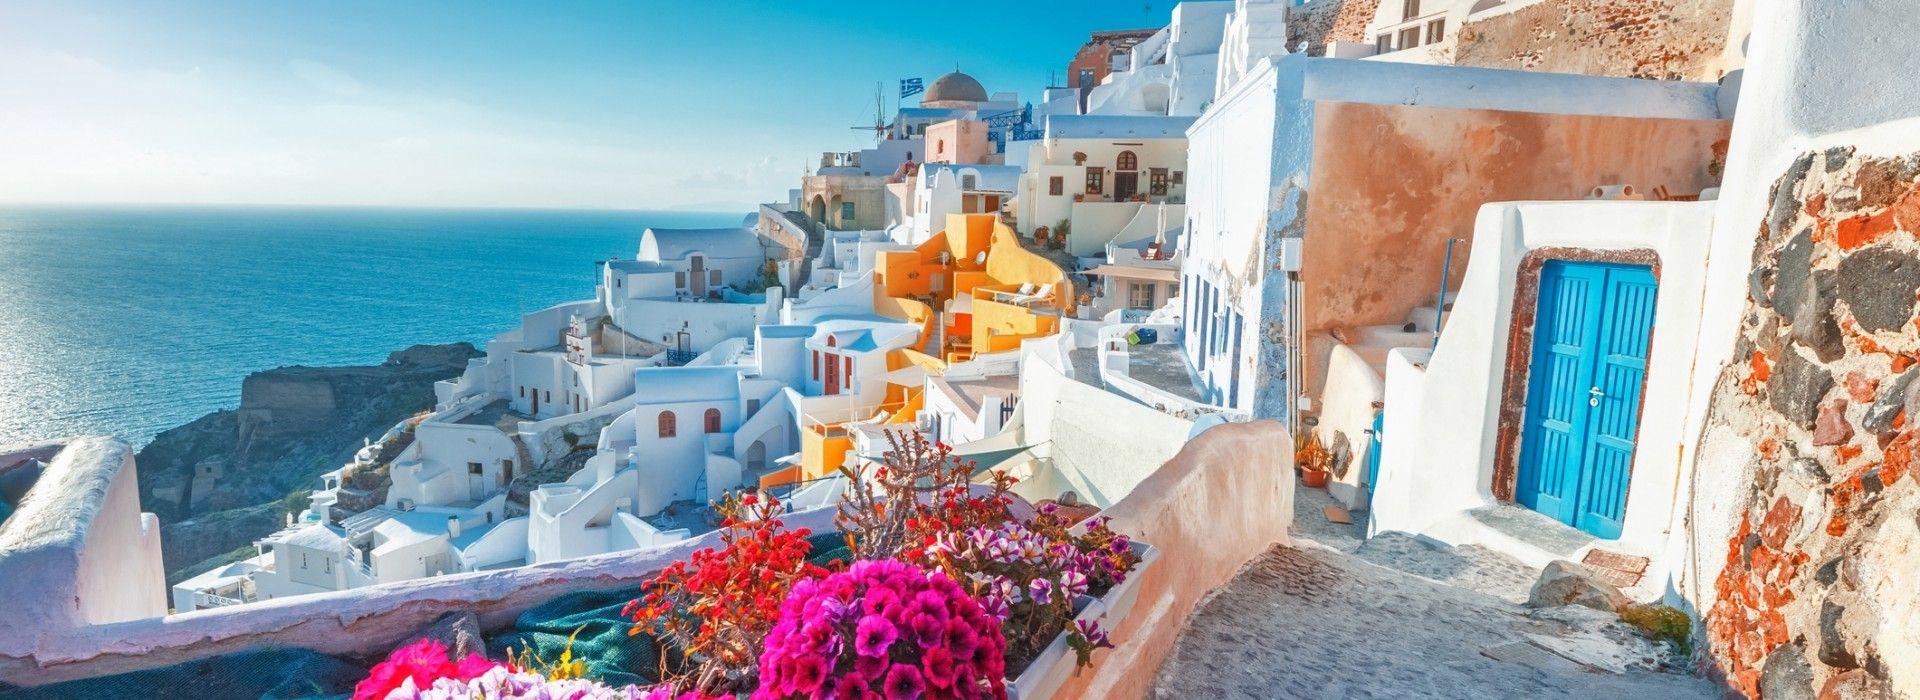 Cruise Tours in Mediterranean